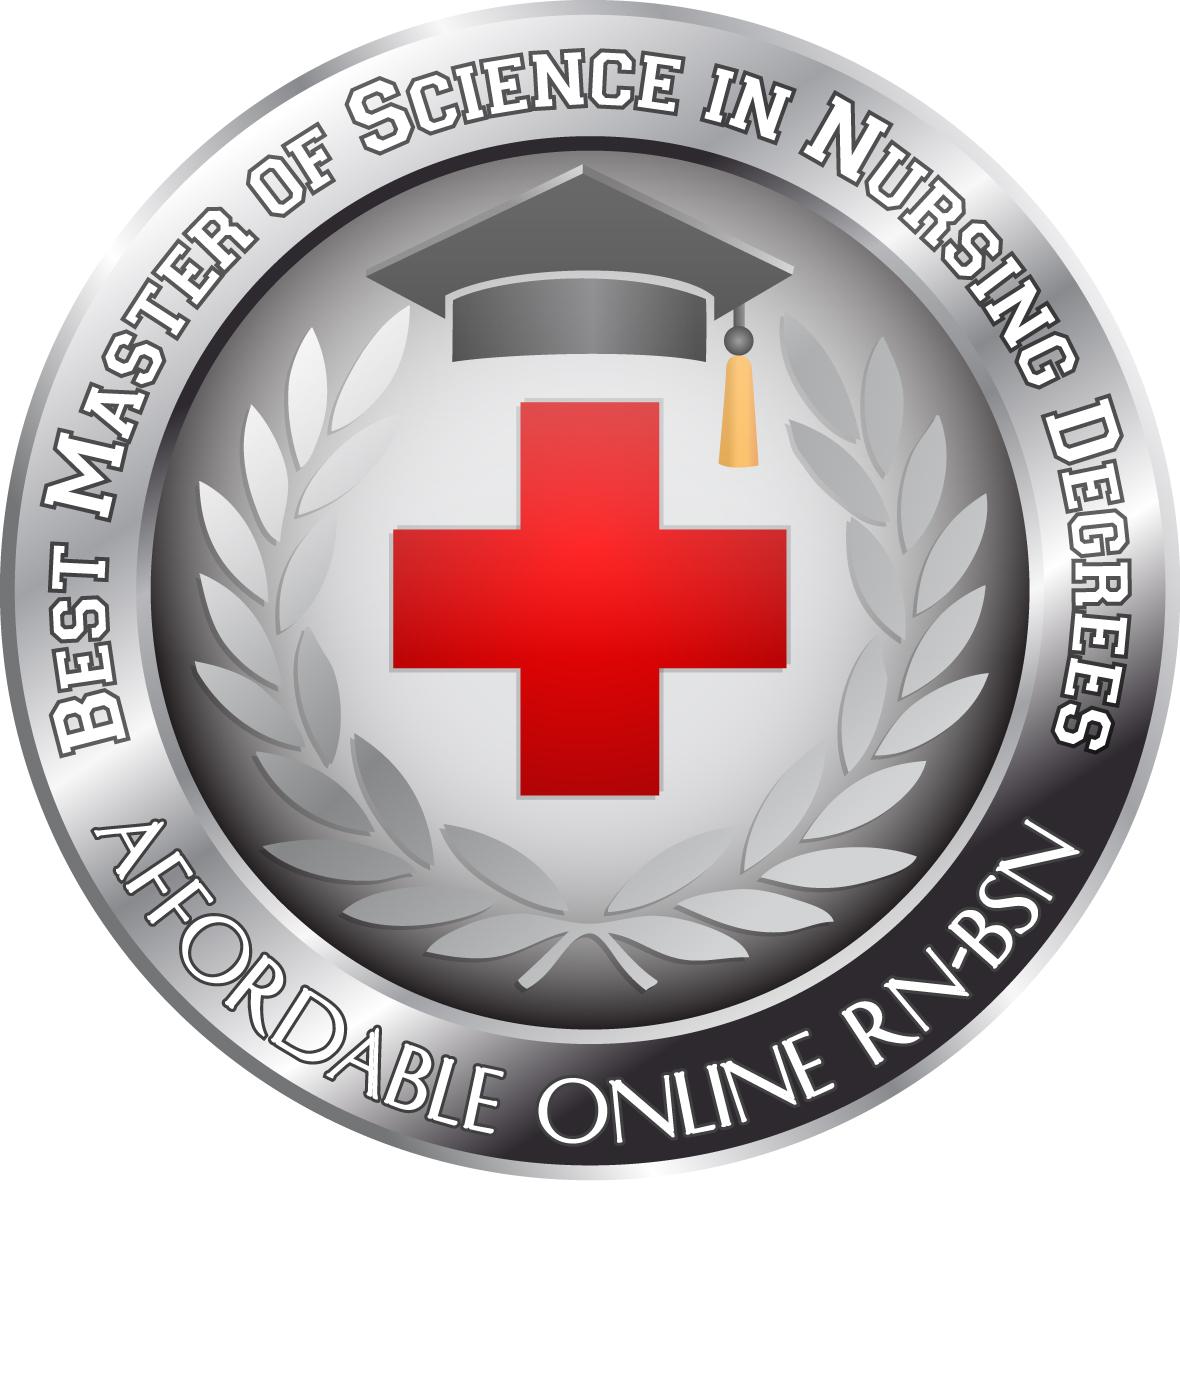 RN to BSN | Online Nursing Bachelor's Degree Program (BS ...